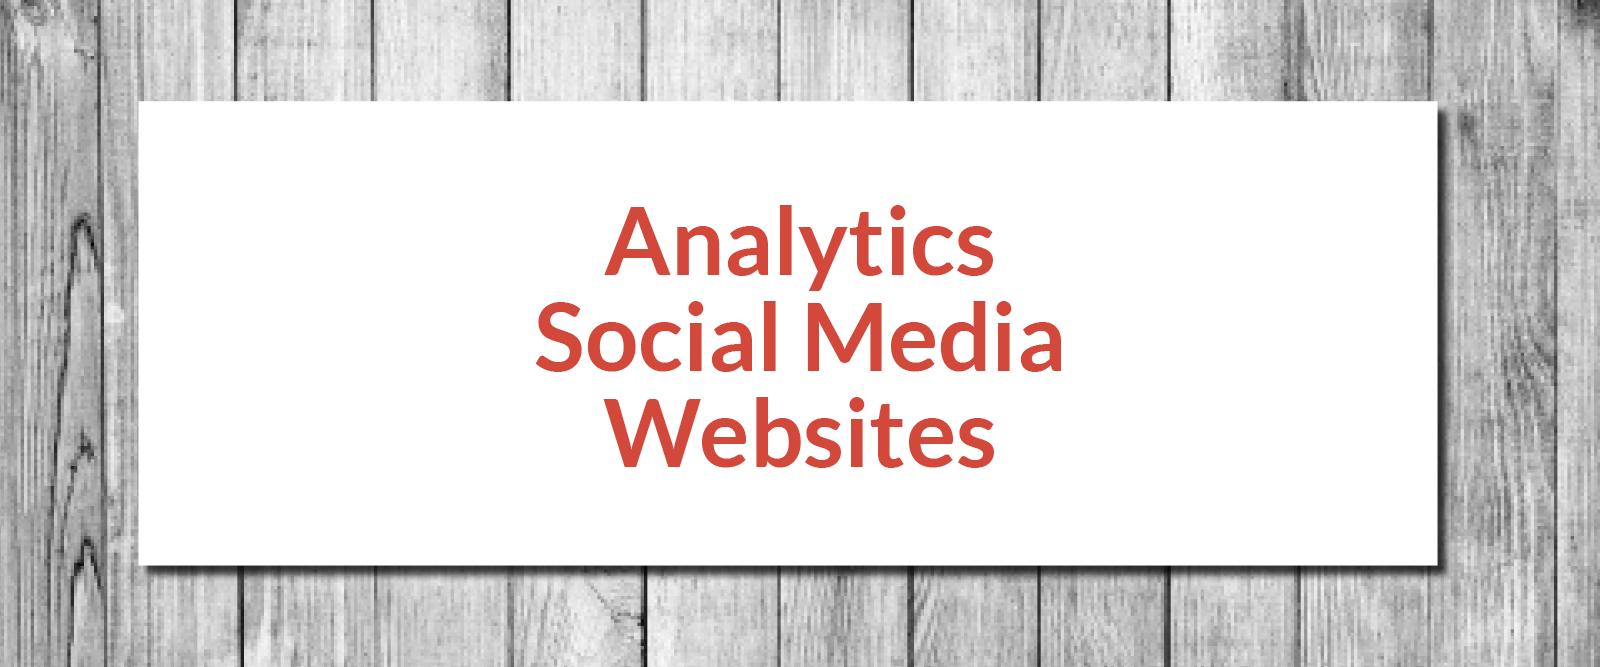 Analytics, Social Media, Websites